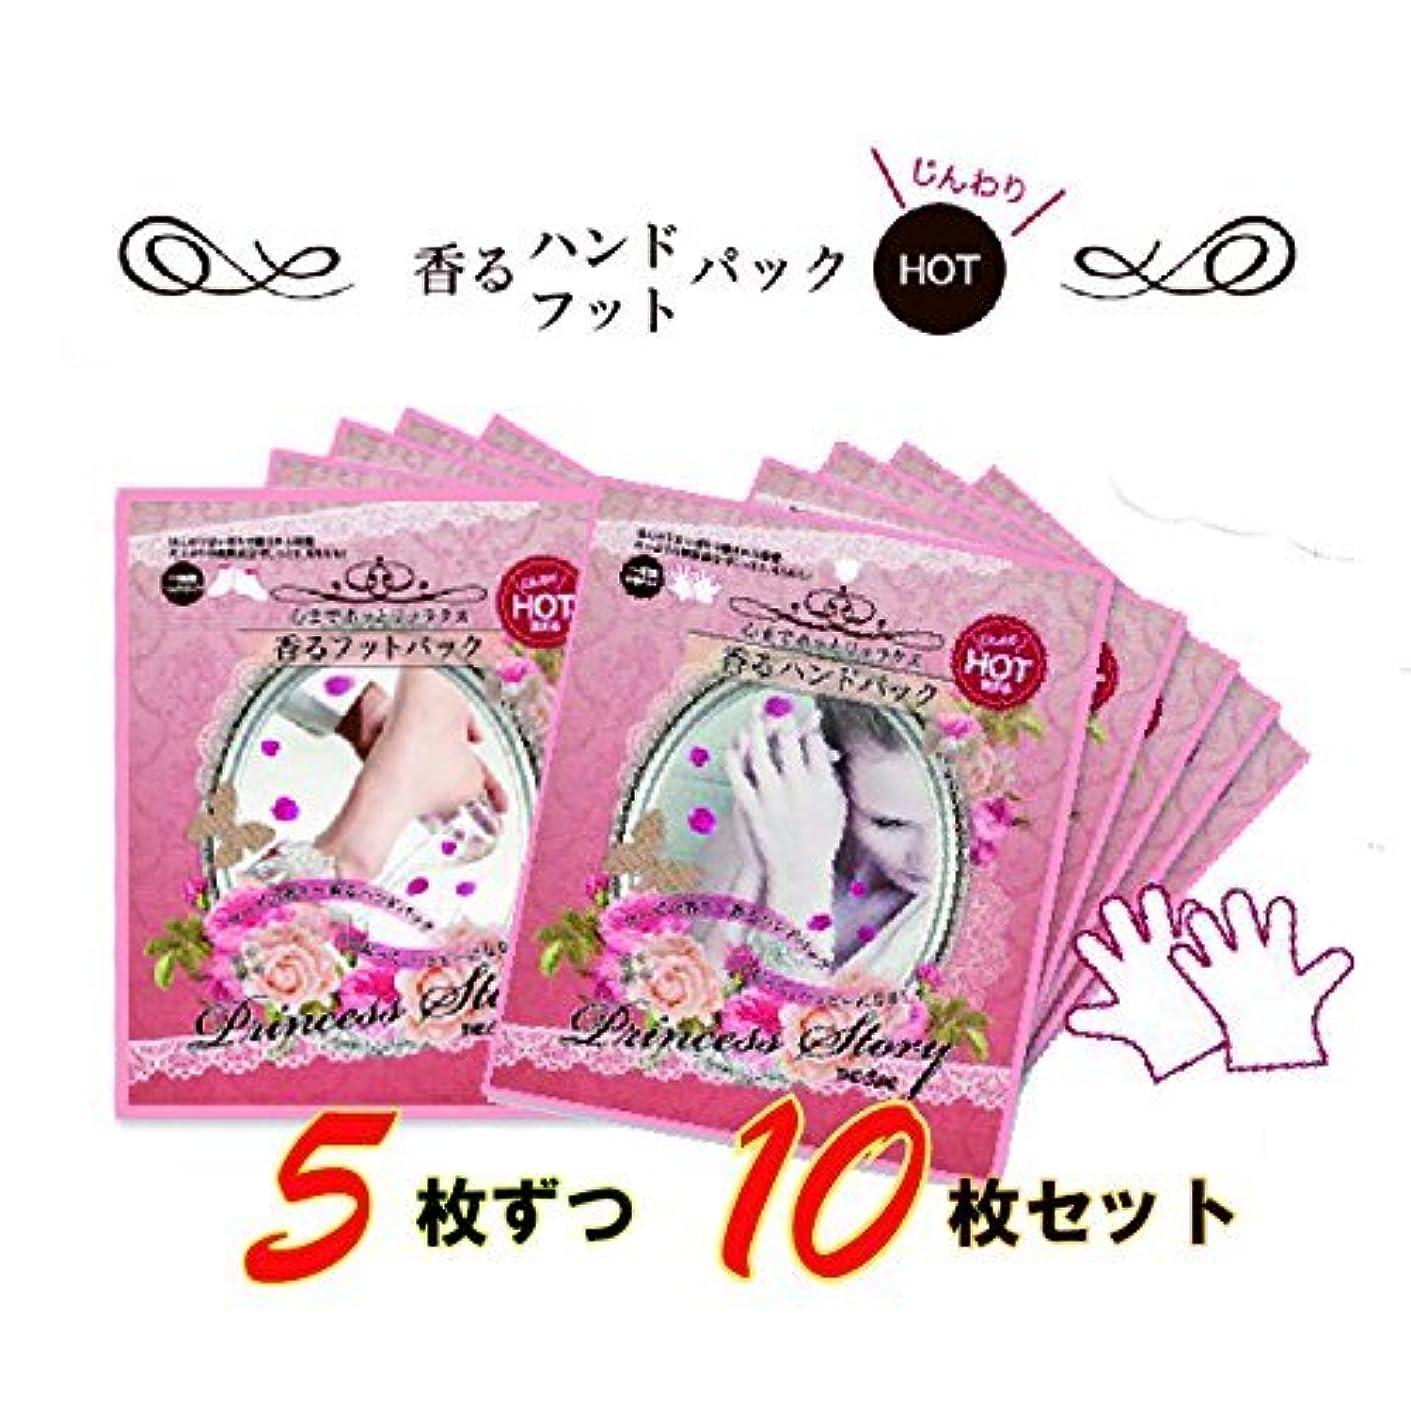 アルミニウム半円富香るハンド &フットパック HOT キュア プリンセス ストーリーTHE CURE 5枚ずつ10枚セット